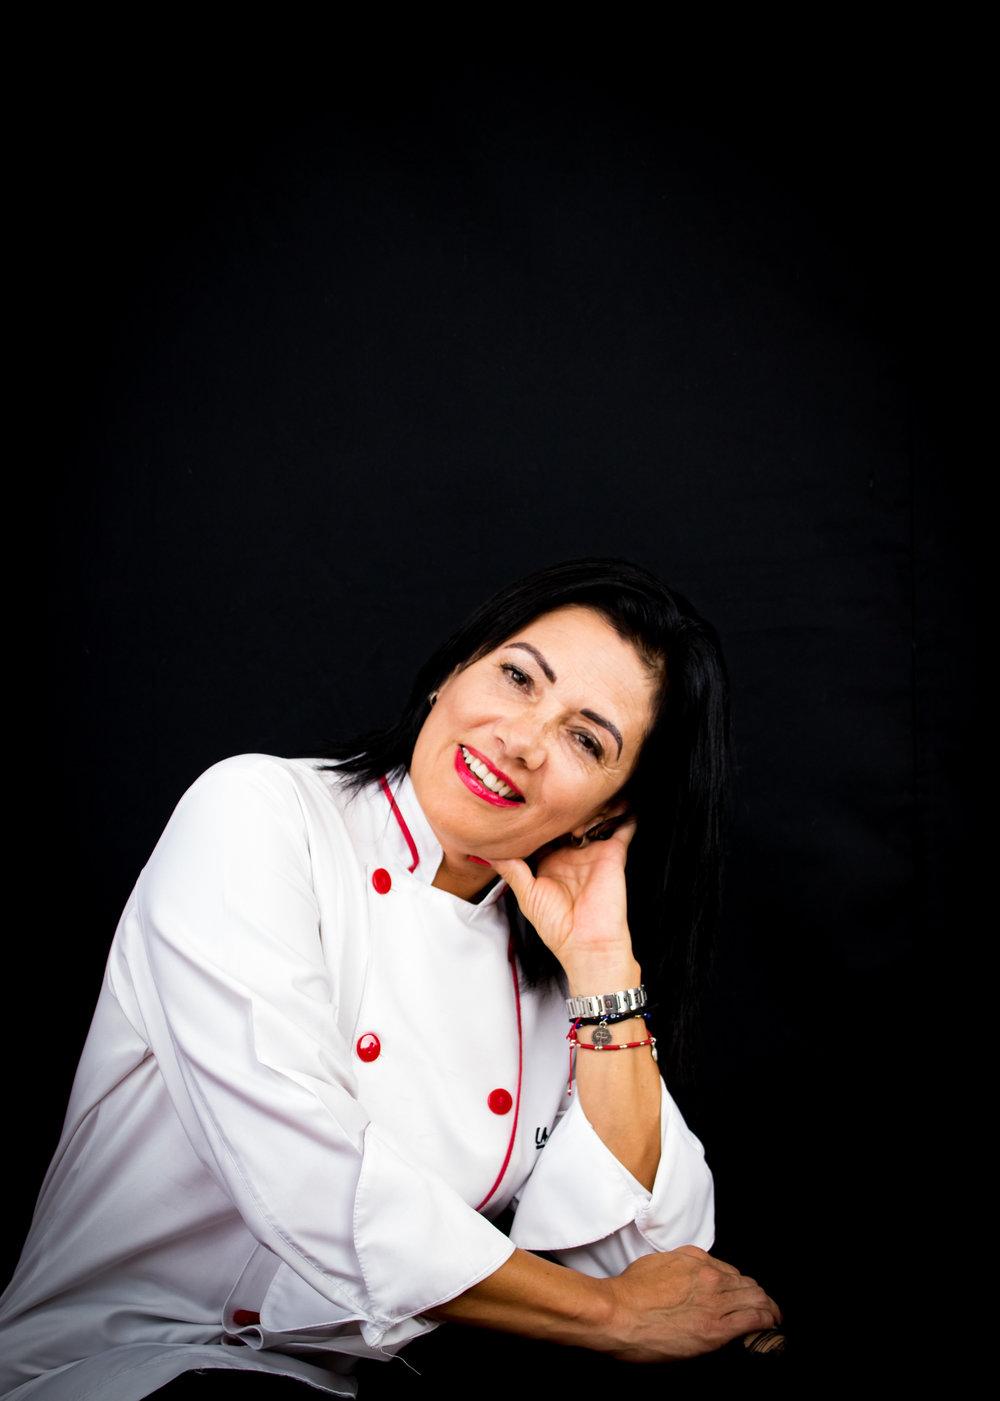 Sobre Isabel - Isabel Favero nació el 7 de diciembre de 1968, en la ciudad de México. Estudió en Tecnológico de la Ciudad de México, Licenciatura en Mercadotecnia, en 1990 comenzó su carrera profesional, en diferentes empresas transnacionales de consumo masivo, como SCA, Parmalat, Henkel, Bristol Meyer, Korés, Quaker, etc., en puestos Gerenciales en el área comercial.En el año 2013 se mudó a Costa Rica, con la inquietud de dar a conocer lo maravilloso de la gastronomía mexicana. Es así como en 2014 decide entrar a estudiar gastronomía en la Escuela Sabores. Cuenta además con un Diplomado en cocina prehispánica del Ambrosía Centro culinario en la Ciudad de México.En 2016 encuentra una oportunidad en el sector gastronómico, por lo que emprende, de la mano de su esposo Gerard y su hijo Iván, un propio proyecto al que ha llamado Águila y Sol. Este está basado en la alta cocina mexicana, y rescata la tradición de sus platillos, colores y sabores.Así es como en febrero del 2018 Águila y Sol abre sus puertas para traerte lo mejor de gastronomía Mexicana.